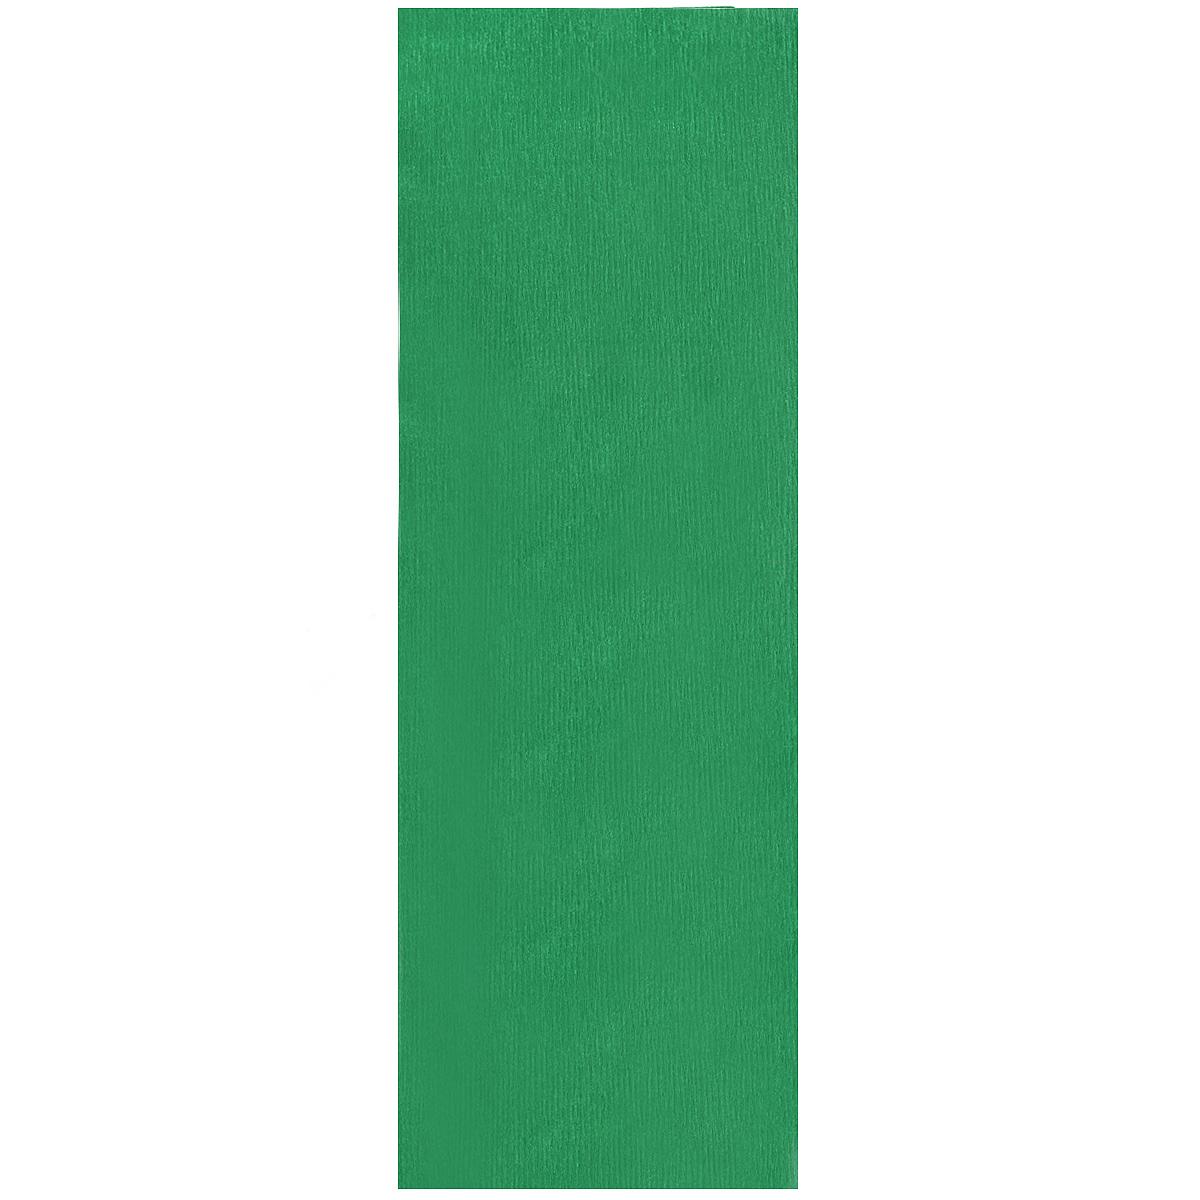 Бумага крепированная Проф-Пресс, металлизированная, цвет: зеленый, 50 см х 250 см55052Крепированная металлизированная бумага Проф-Пресс - отличный вариант для воплощения творческих идей не только детей, но и взрослых. Она отлично подойдет для упаковки хрупких изделий, при оформлении букетов, создании сложных цветовых композиций, для декорирования и других оформительских работ. Бумага обладает повышенной прочностью и жесткостью, хорошо растягивается, имеет жатую поверхность.Кроме того, металлизированная бумага Проф-Пресс поможет увлечь ребенка, развивая интерес к художественному творчеству, эстетический вкус и восприятие, увеличивая желание делать подарки своими руками, воспитывая самостоятельность и аккуратность в работе. Такая бумага поможет вашему ребенку раскрыть свои таланты.